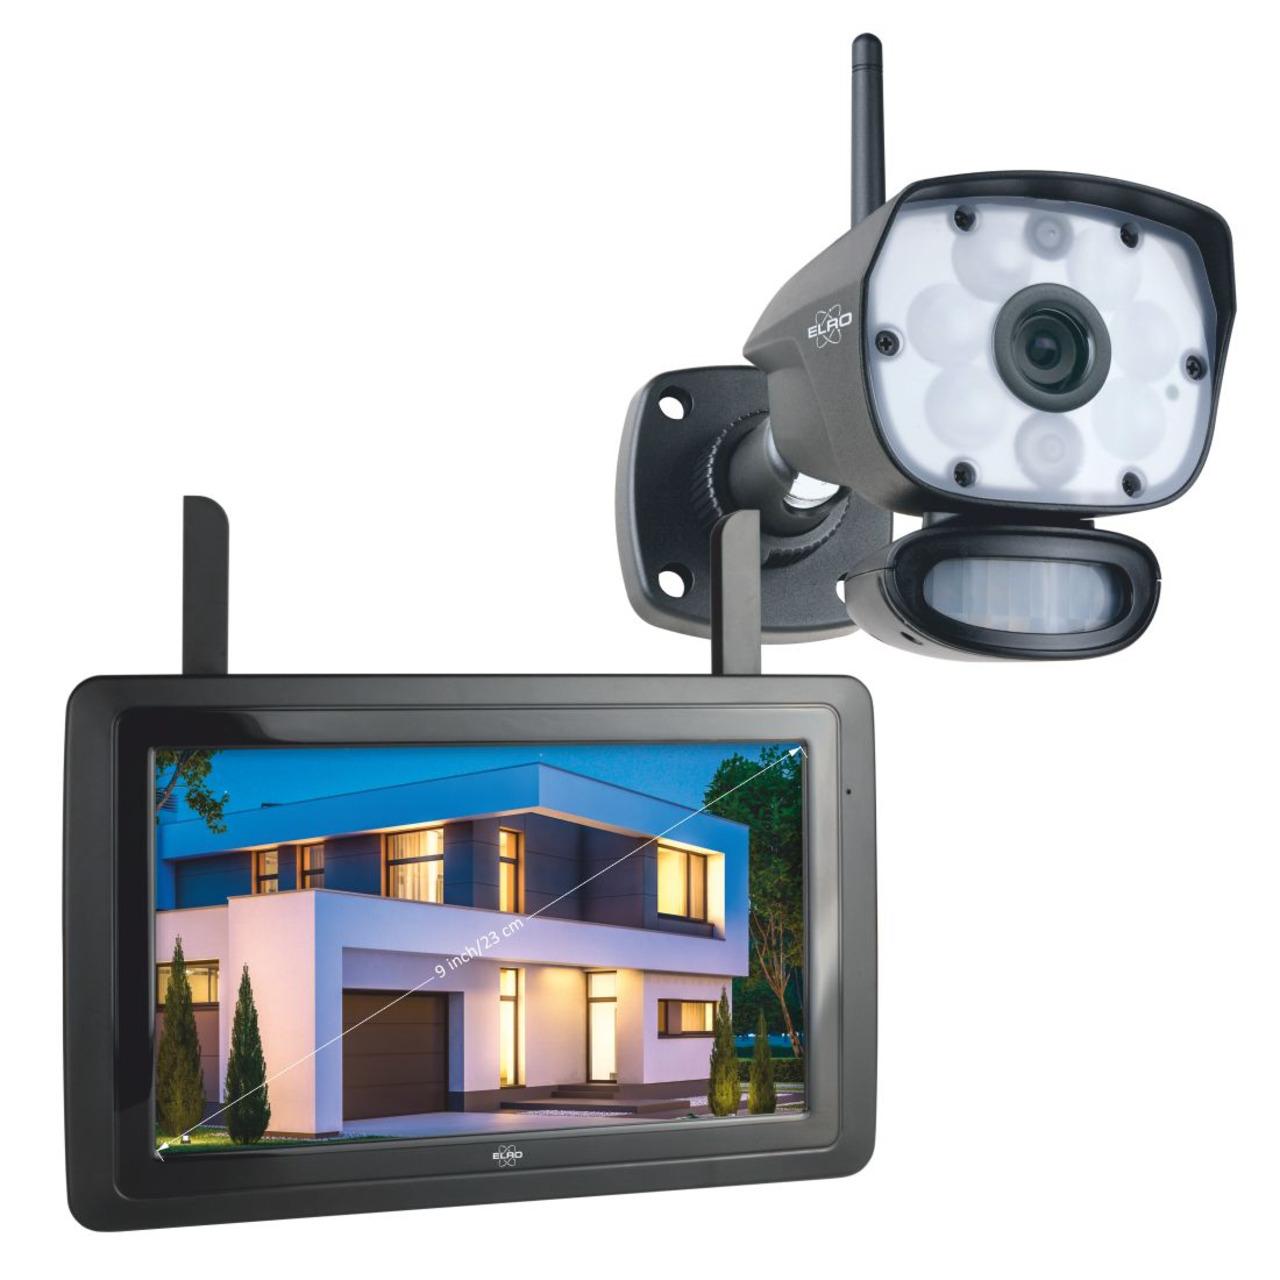 ELRO Funk-Kamerasystem CZ60RIP11S- inkl- Touch-Display (9undquot )- App-Steuerung- 1080p (Full-HD)